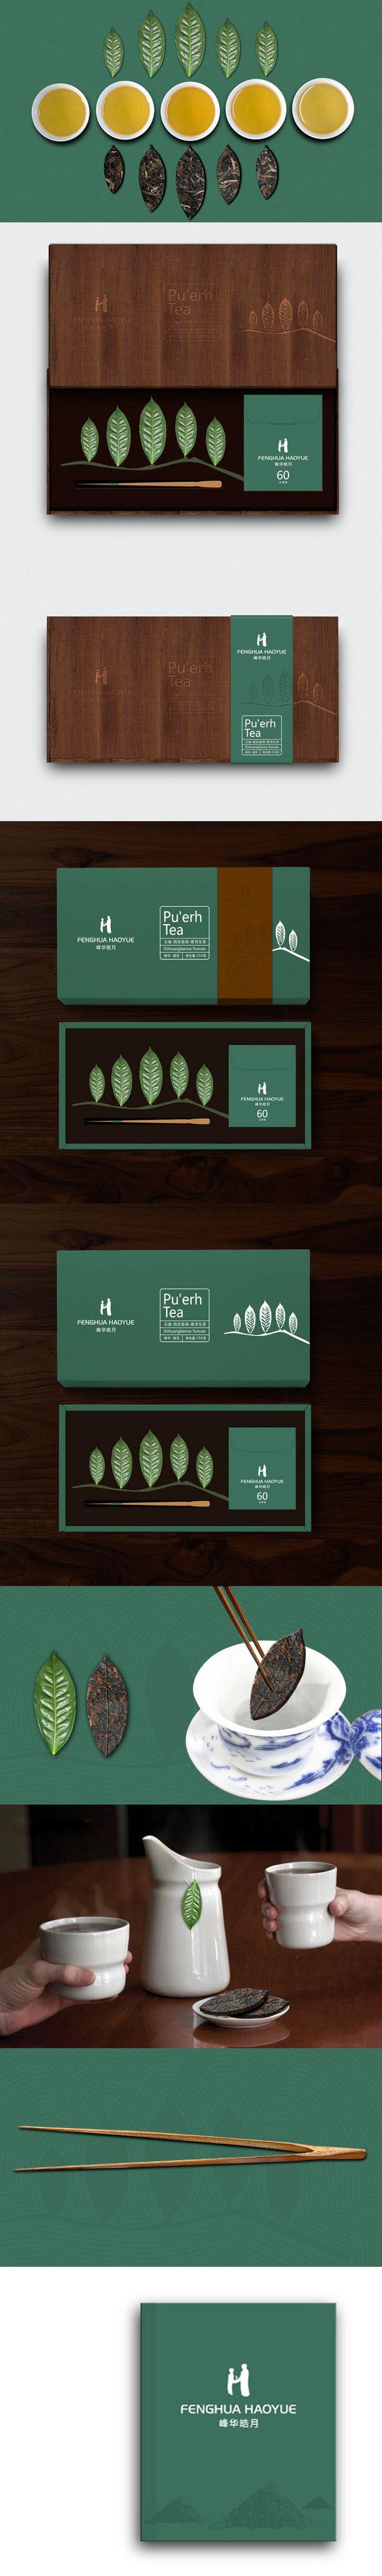 普洱茶包装(异形小茶块儿—茶叶形状)概念...@七言设计采集到包装(647图)_花瓣平面设计 I would try this tea this is beautiful #packaging PD